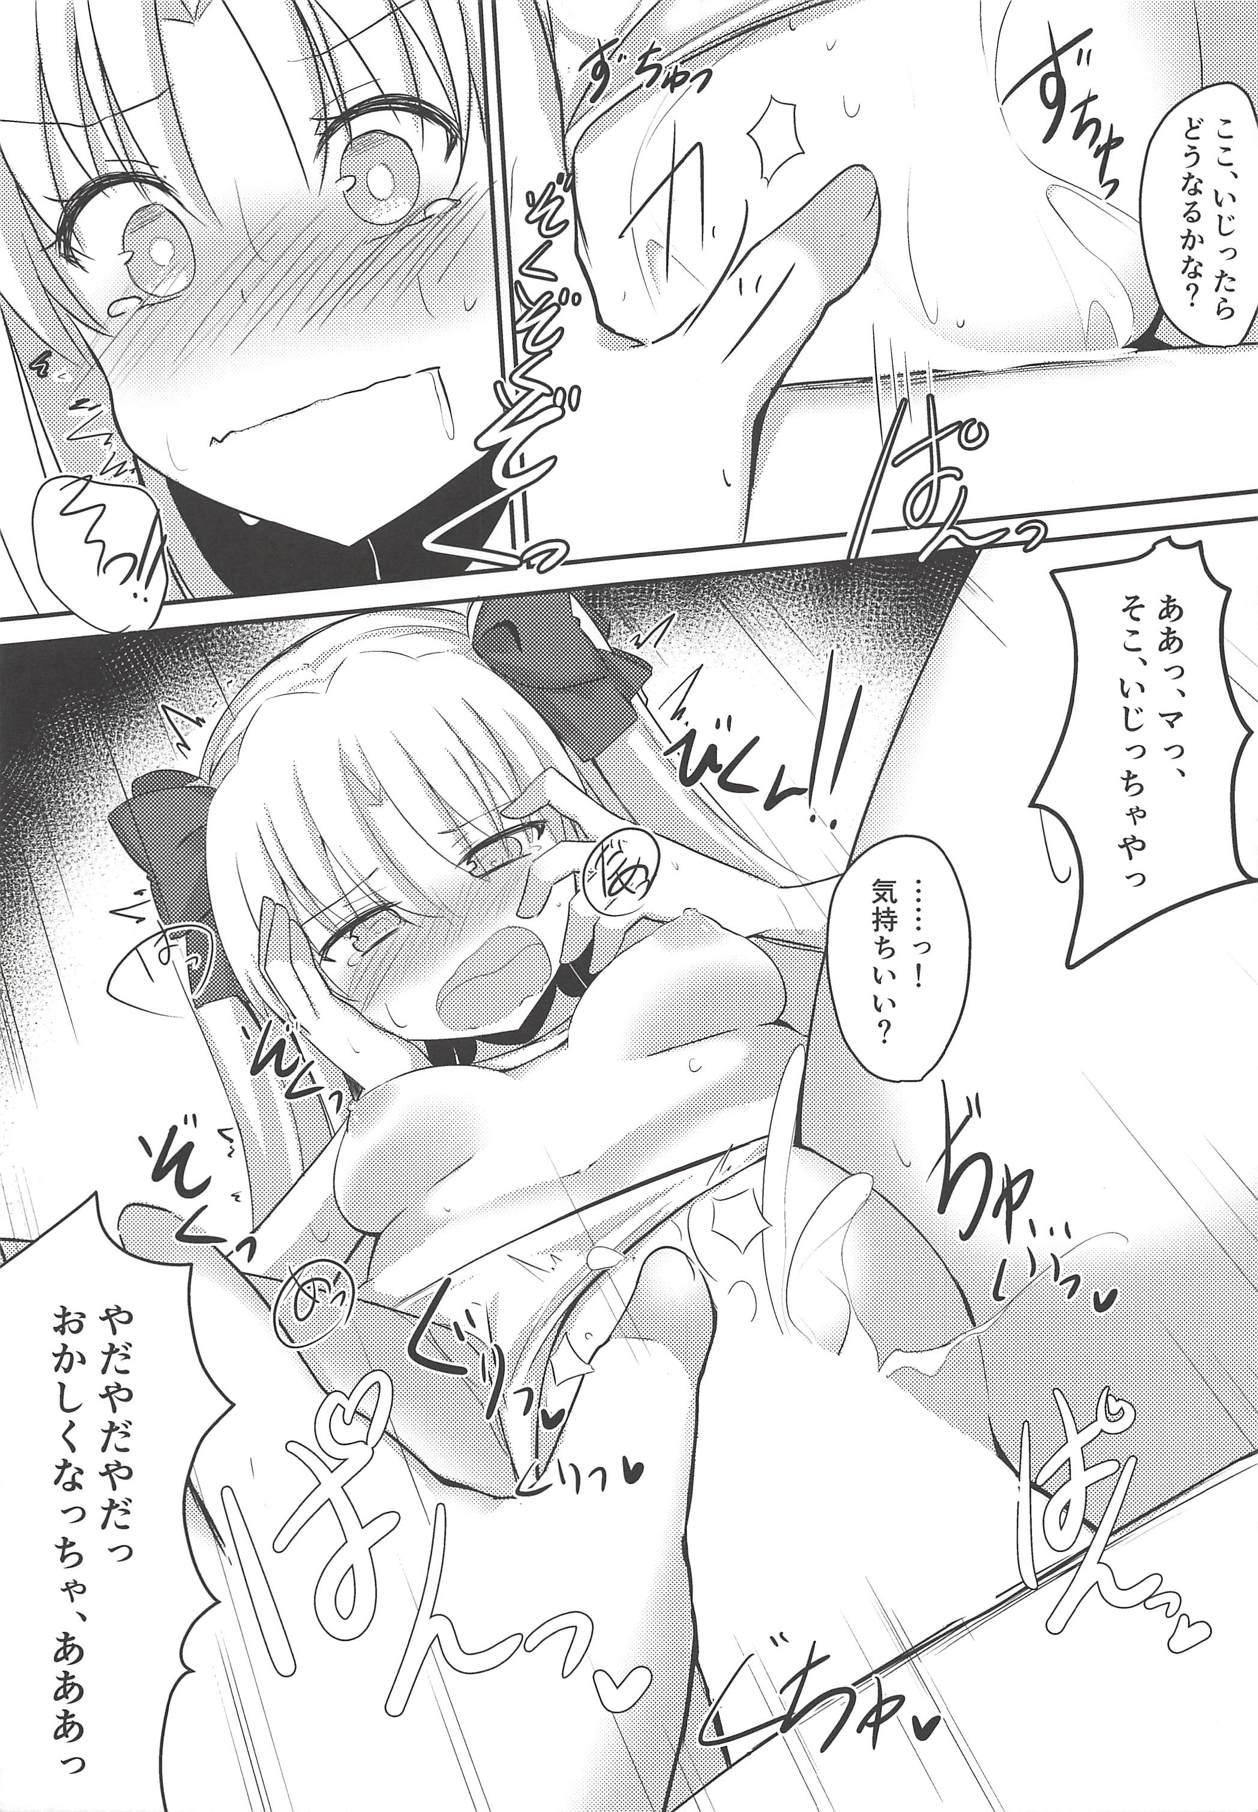 Mizugi no Ereshkigal to Icha Tsukitai! - Icha Icha with Ereshkigal Wearing Swimsuits. 17